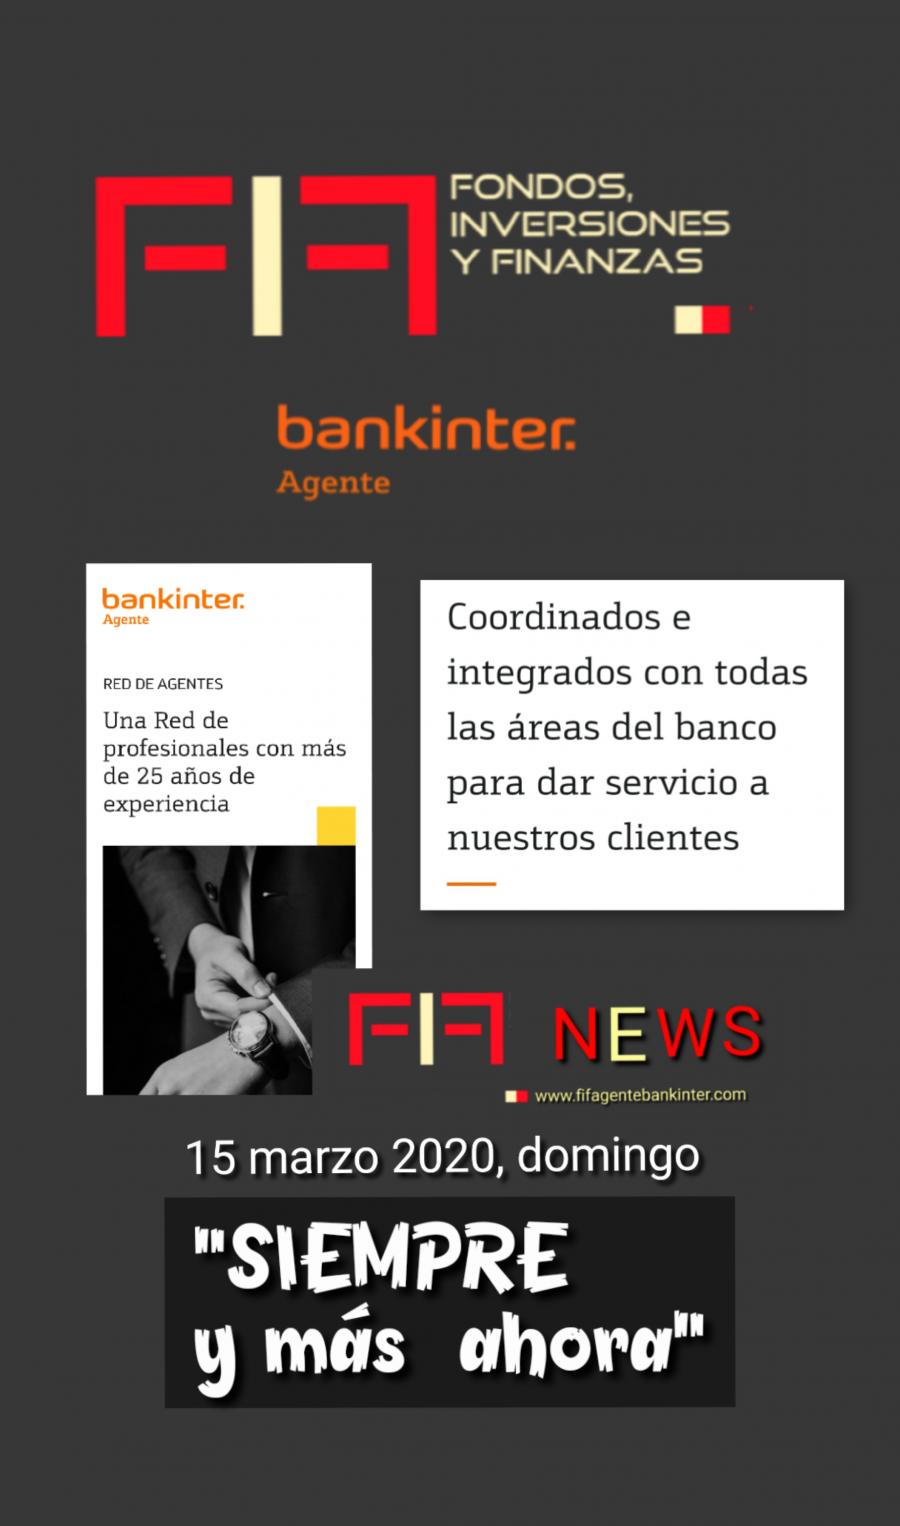 """FIF NEWS domingo 15/3/2020:         """"FiF, Agente BK, siempre y ahora más"""""""